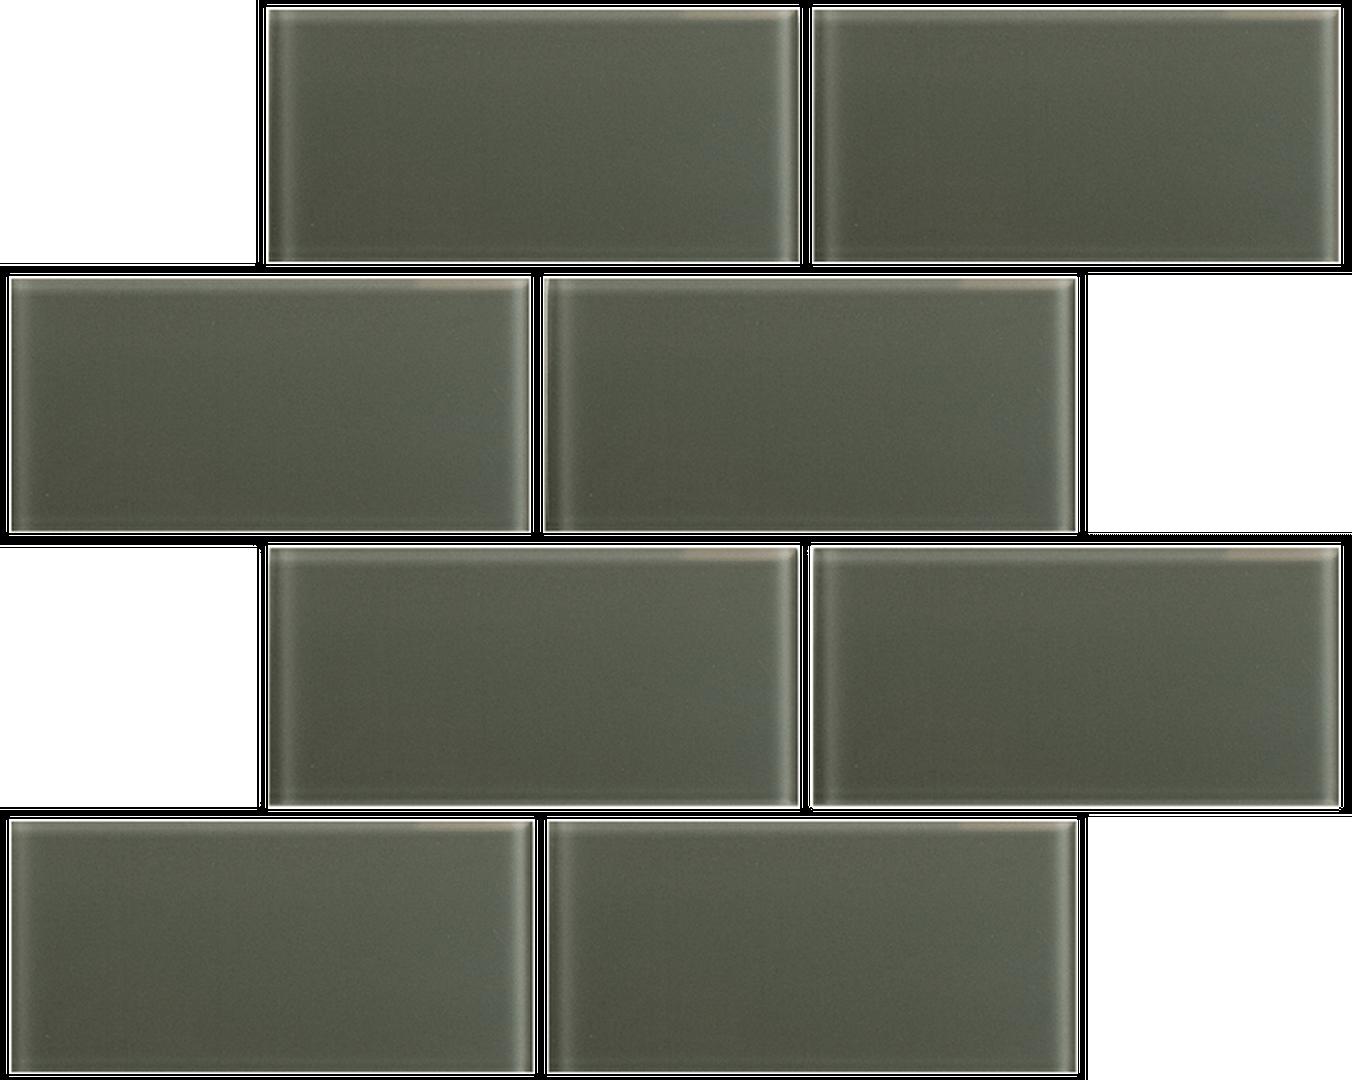 Crystal 3 x 6 Subway Tiles Crocodile